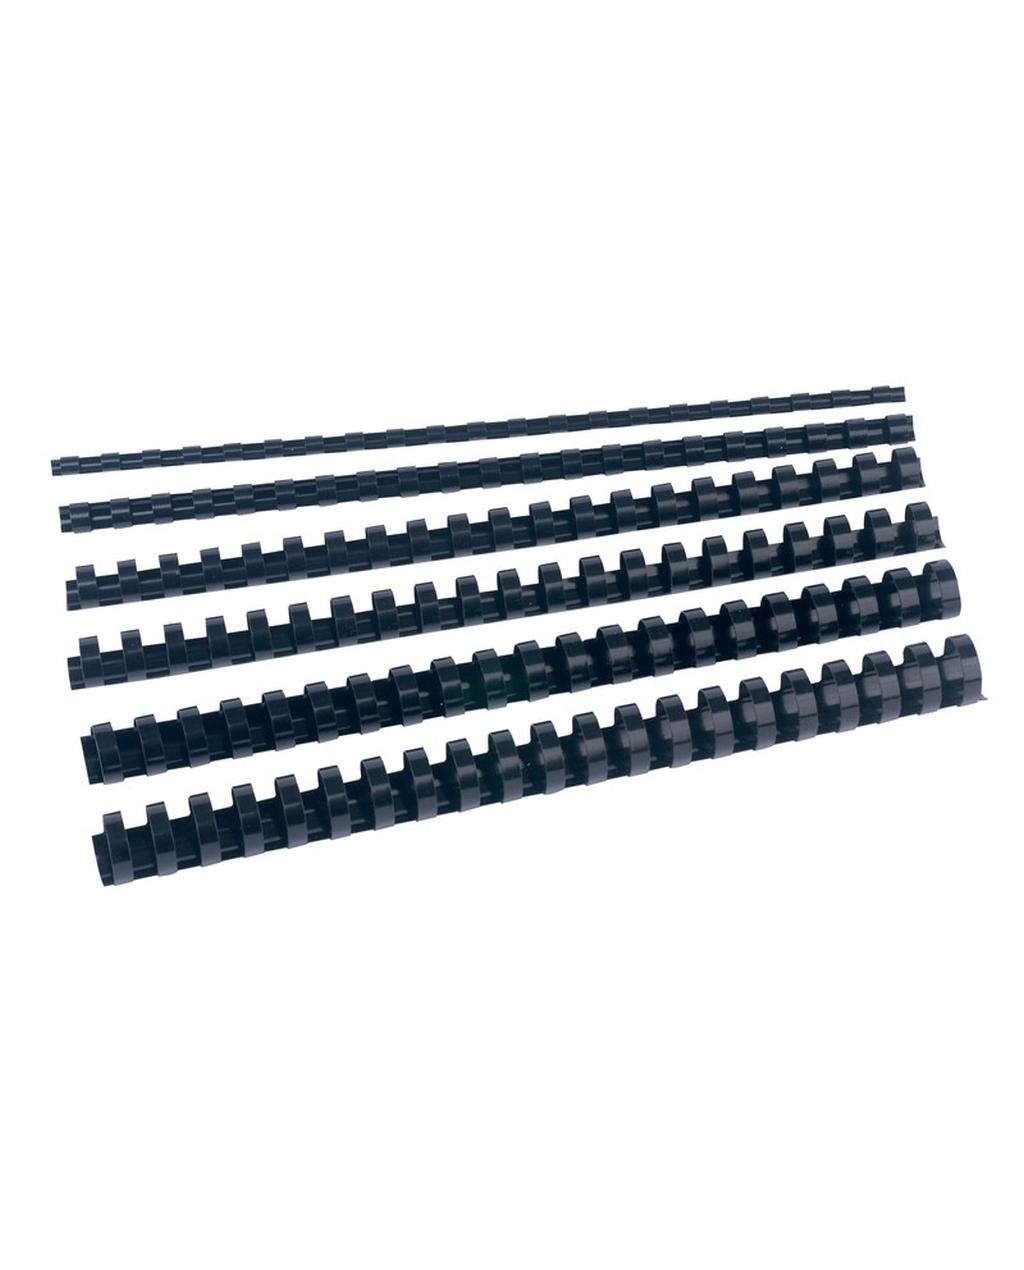 Black Plastic Combs 6mm Dia